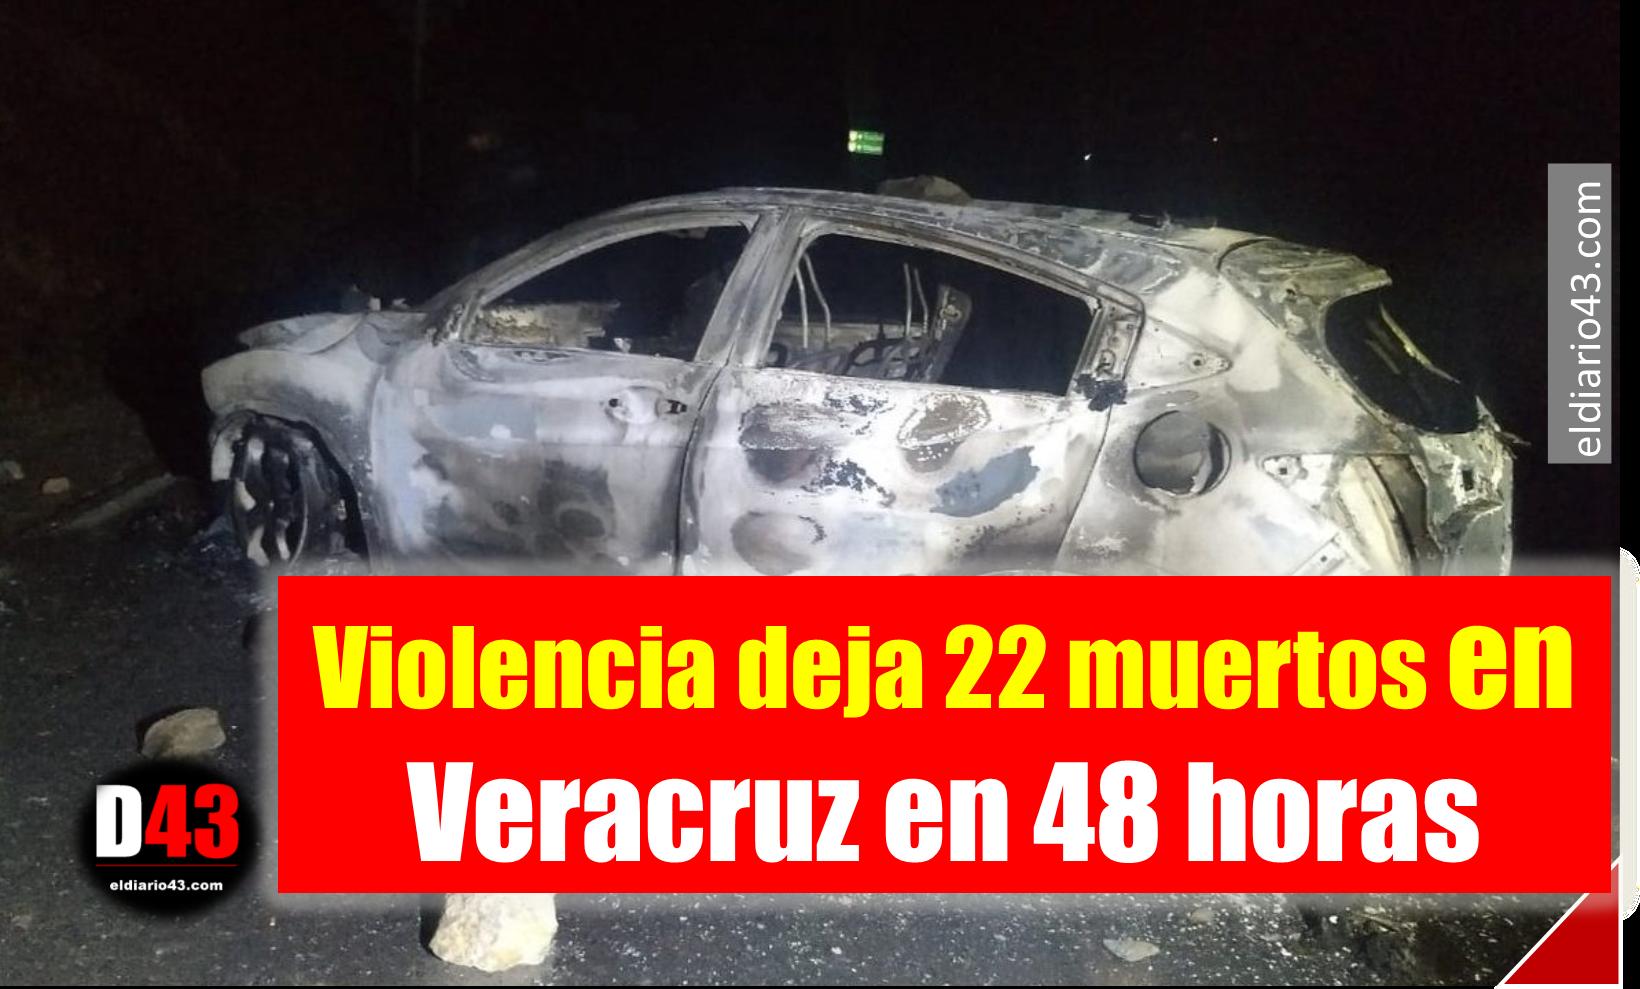 Violencia deja 22 muertos en Veracruz en 48 horas